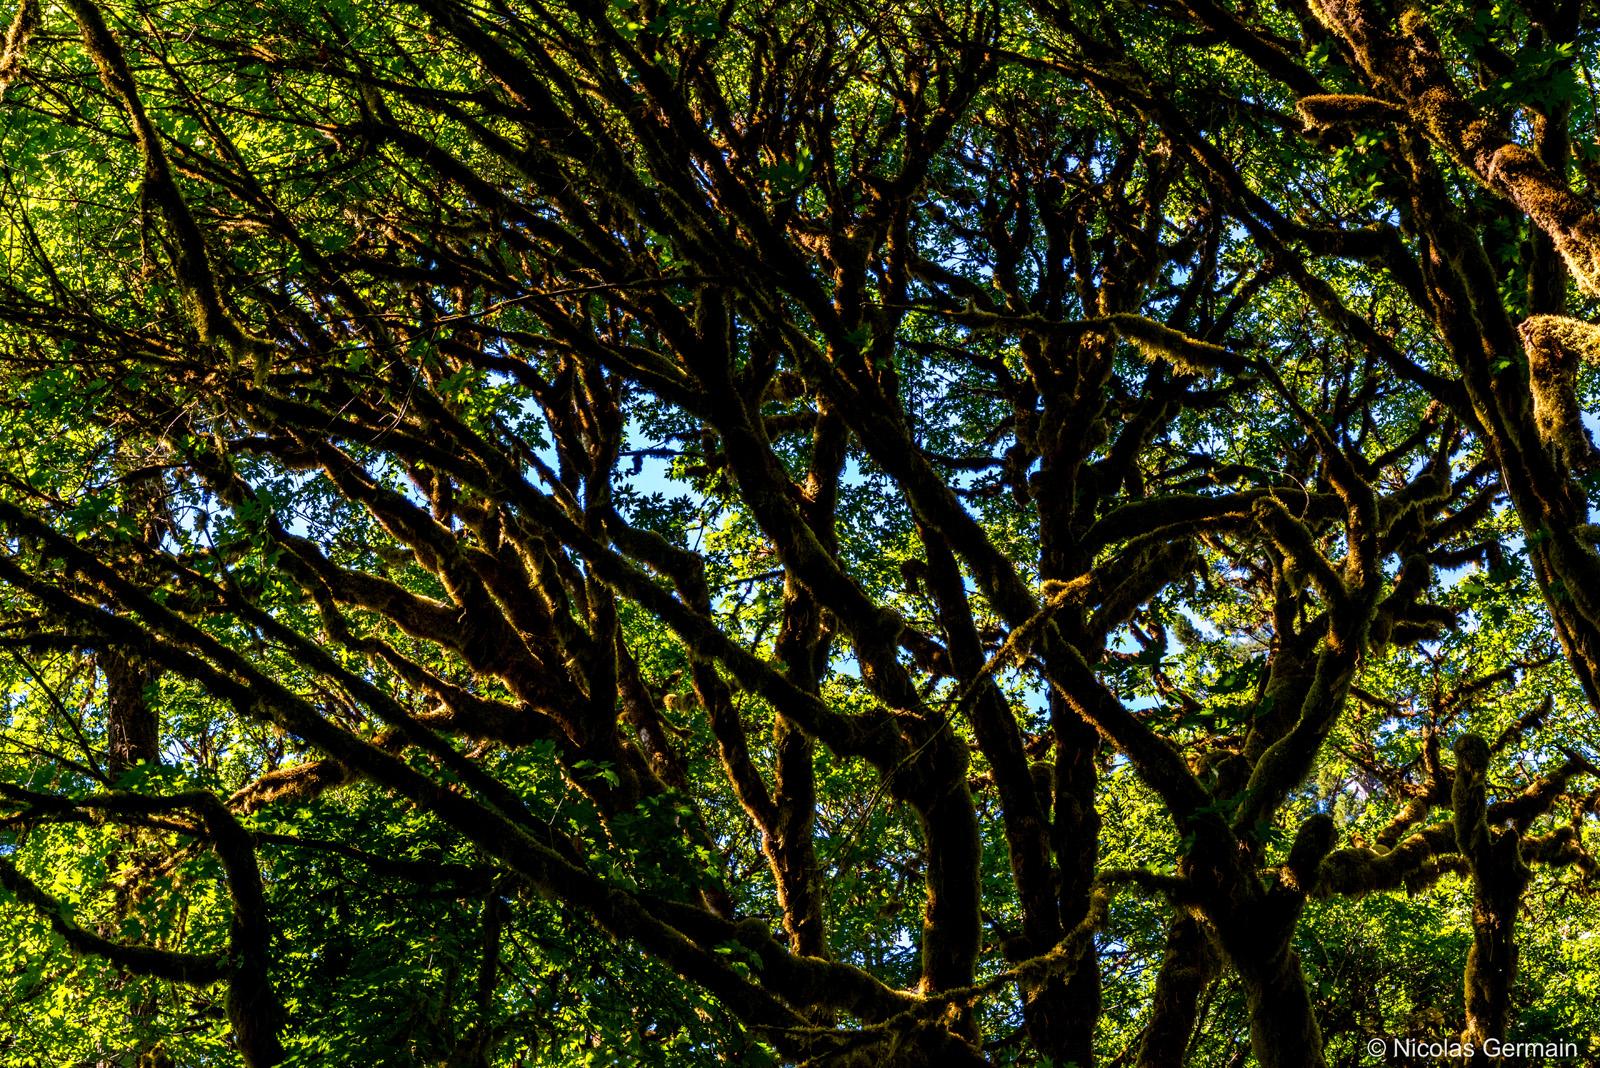 D'autres arbres, comme les érables (maple tree) recouverts de lichen, sont visibles à Tall Trees Grove, Redwood National Park